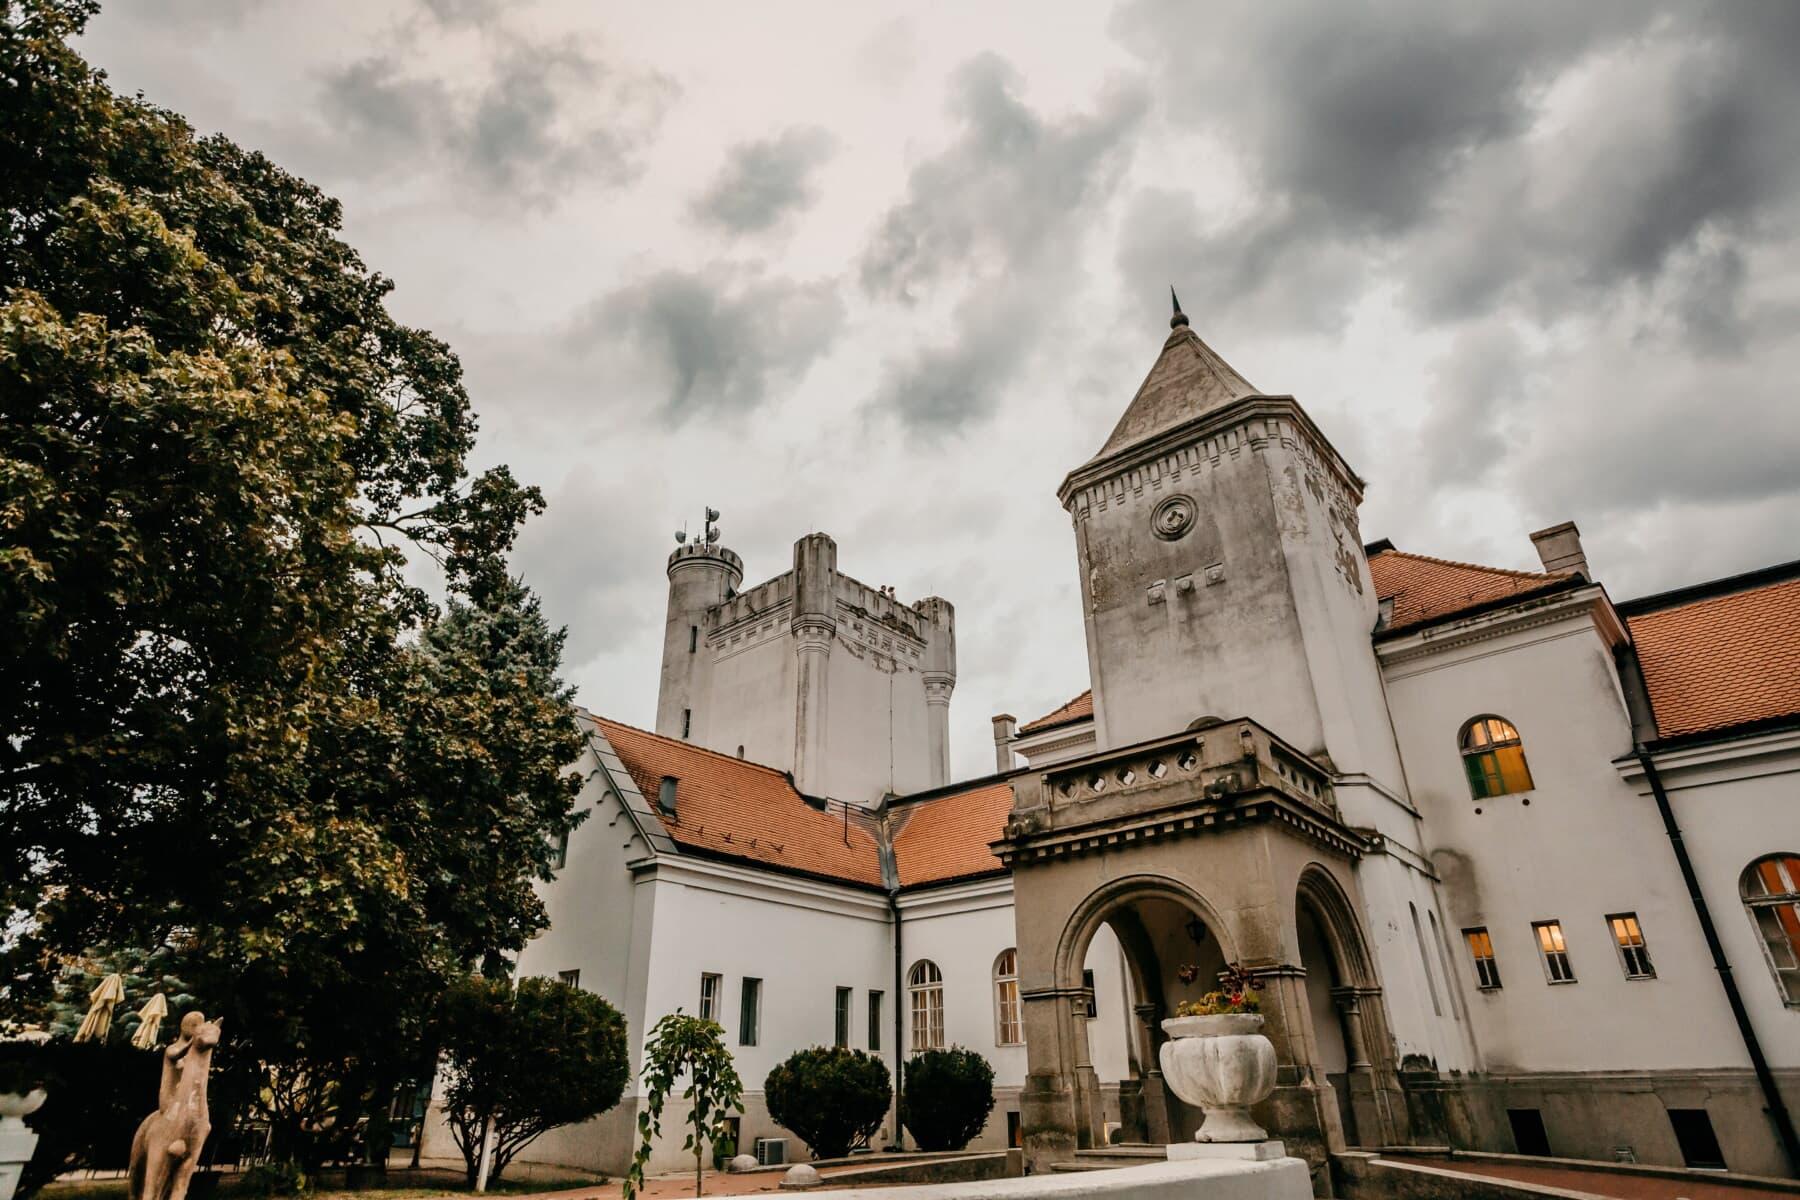 Château, sculpture, arrière-cour, résidence, architecture, bâtiment, palais, tour, vieux, rue